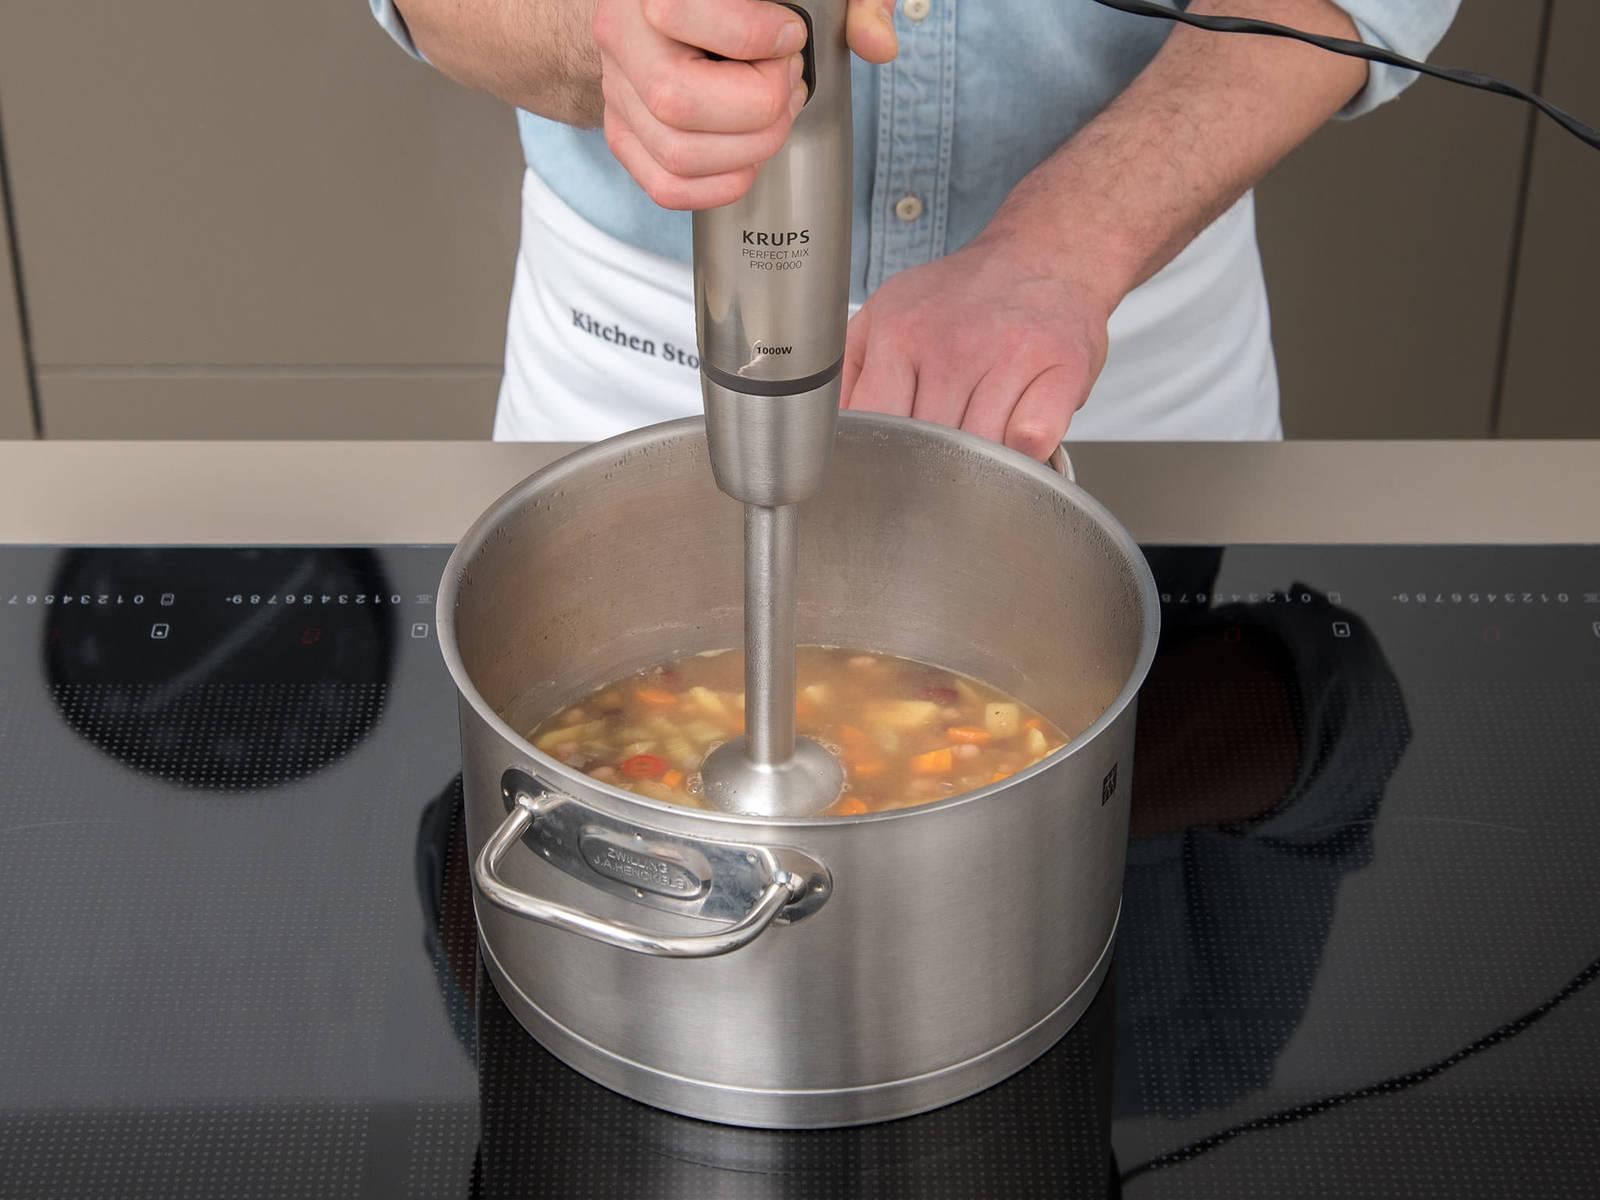 Wirsing in dünne Streifen schneiden. Sobald das Gemüse im Topf weich ist, mit einem Stabmixer glatt und cremig pürieren. Falls nötig, Wasser dazugeben bis die gewünschte Konsistenz erreicht ist. Die restlichen Bohnen und Wirsing in den Topf geben. Ca. 5 - 10 Min. weiter köcheln lassen.